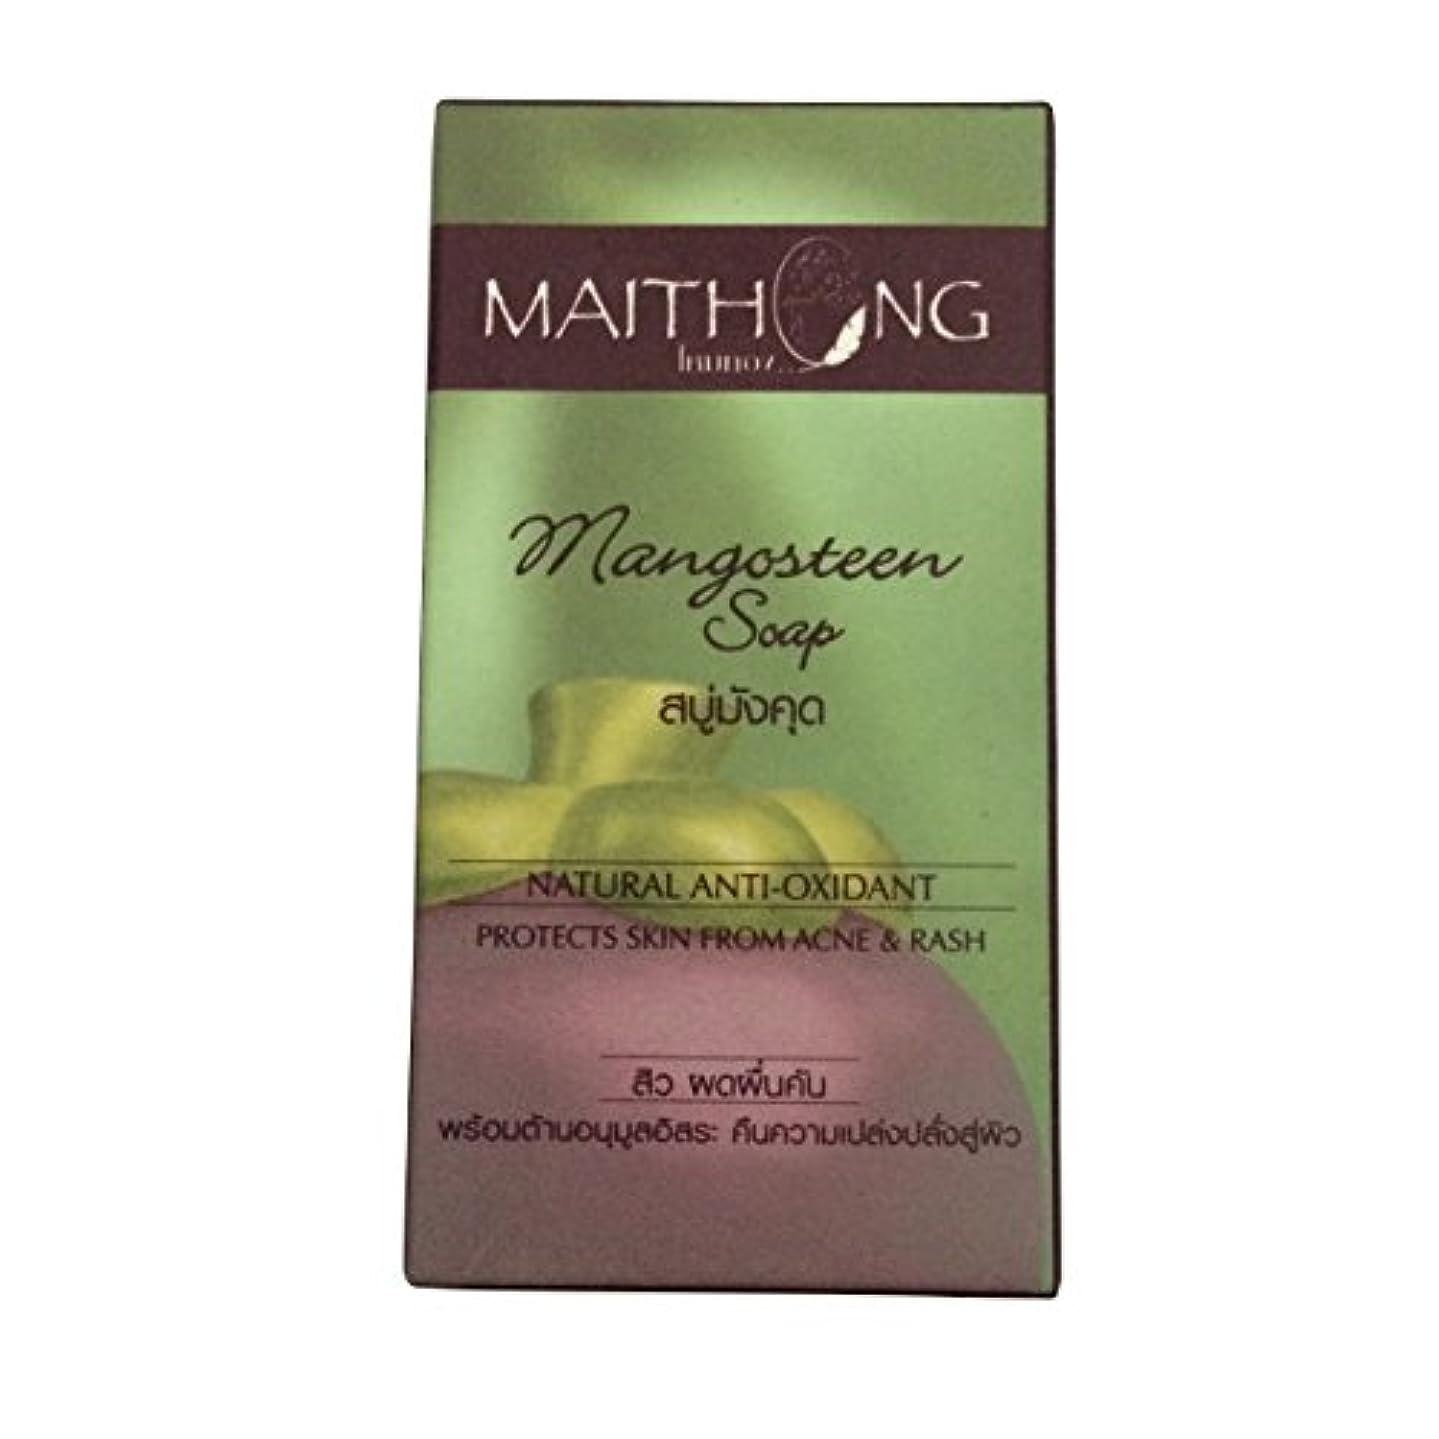 道徳飽和するこの(マイトーン)MAITHONG マンゴスチン 石鹸 ソープ